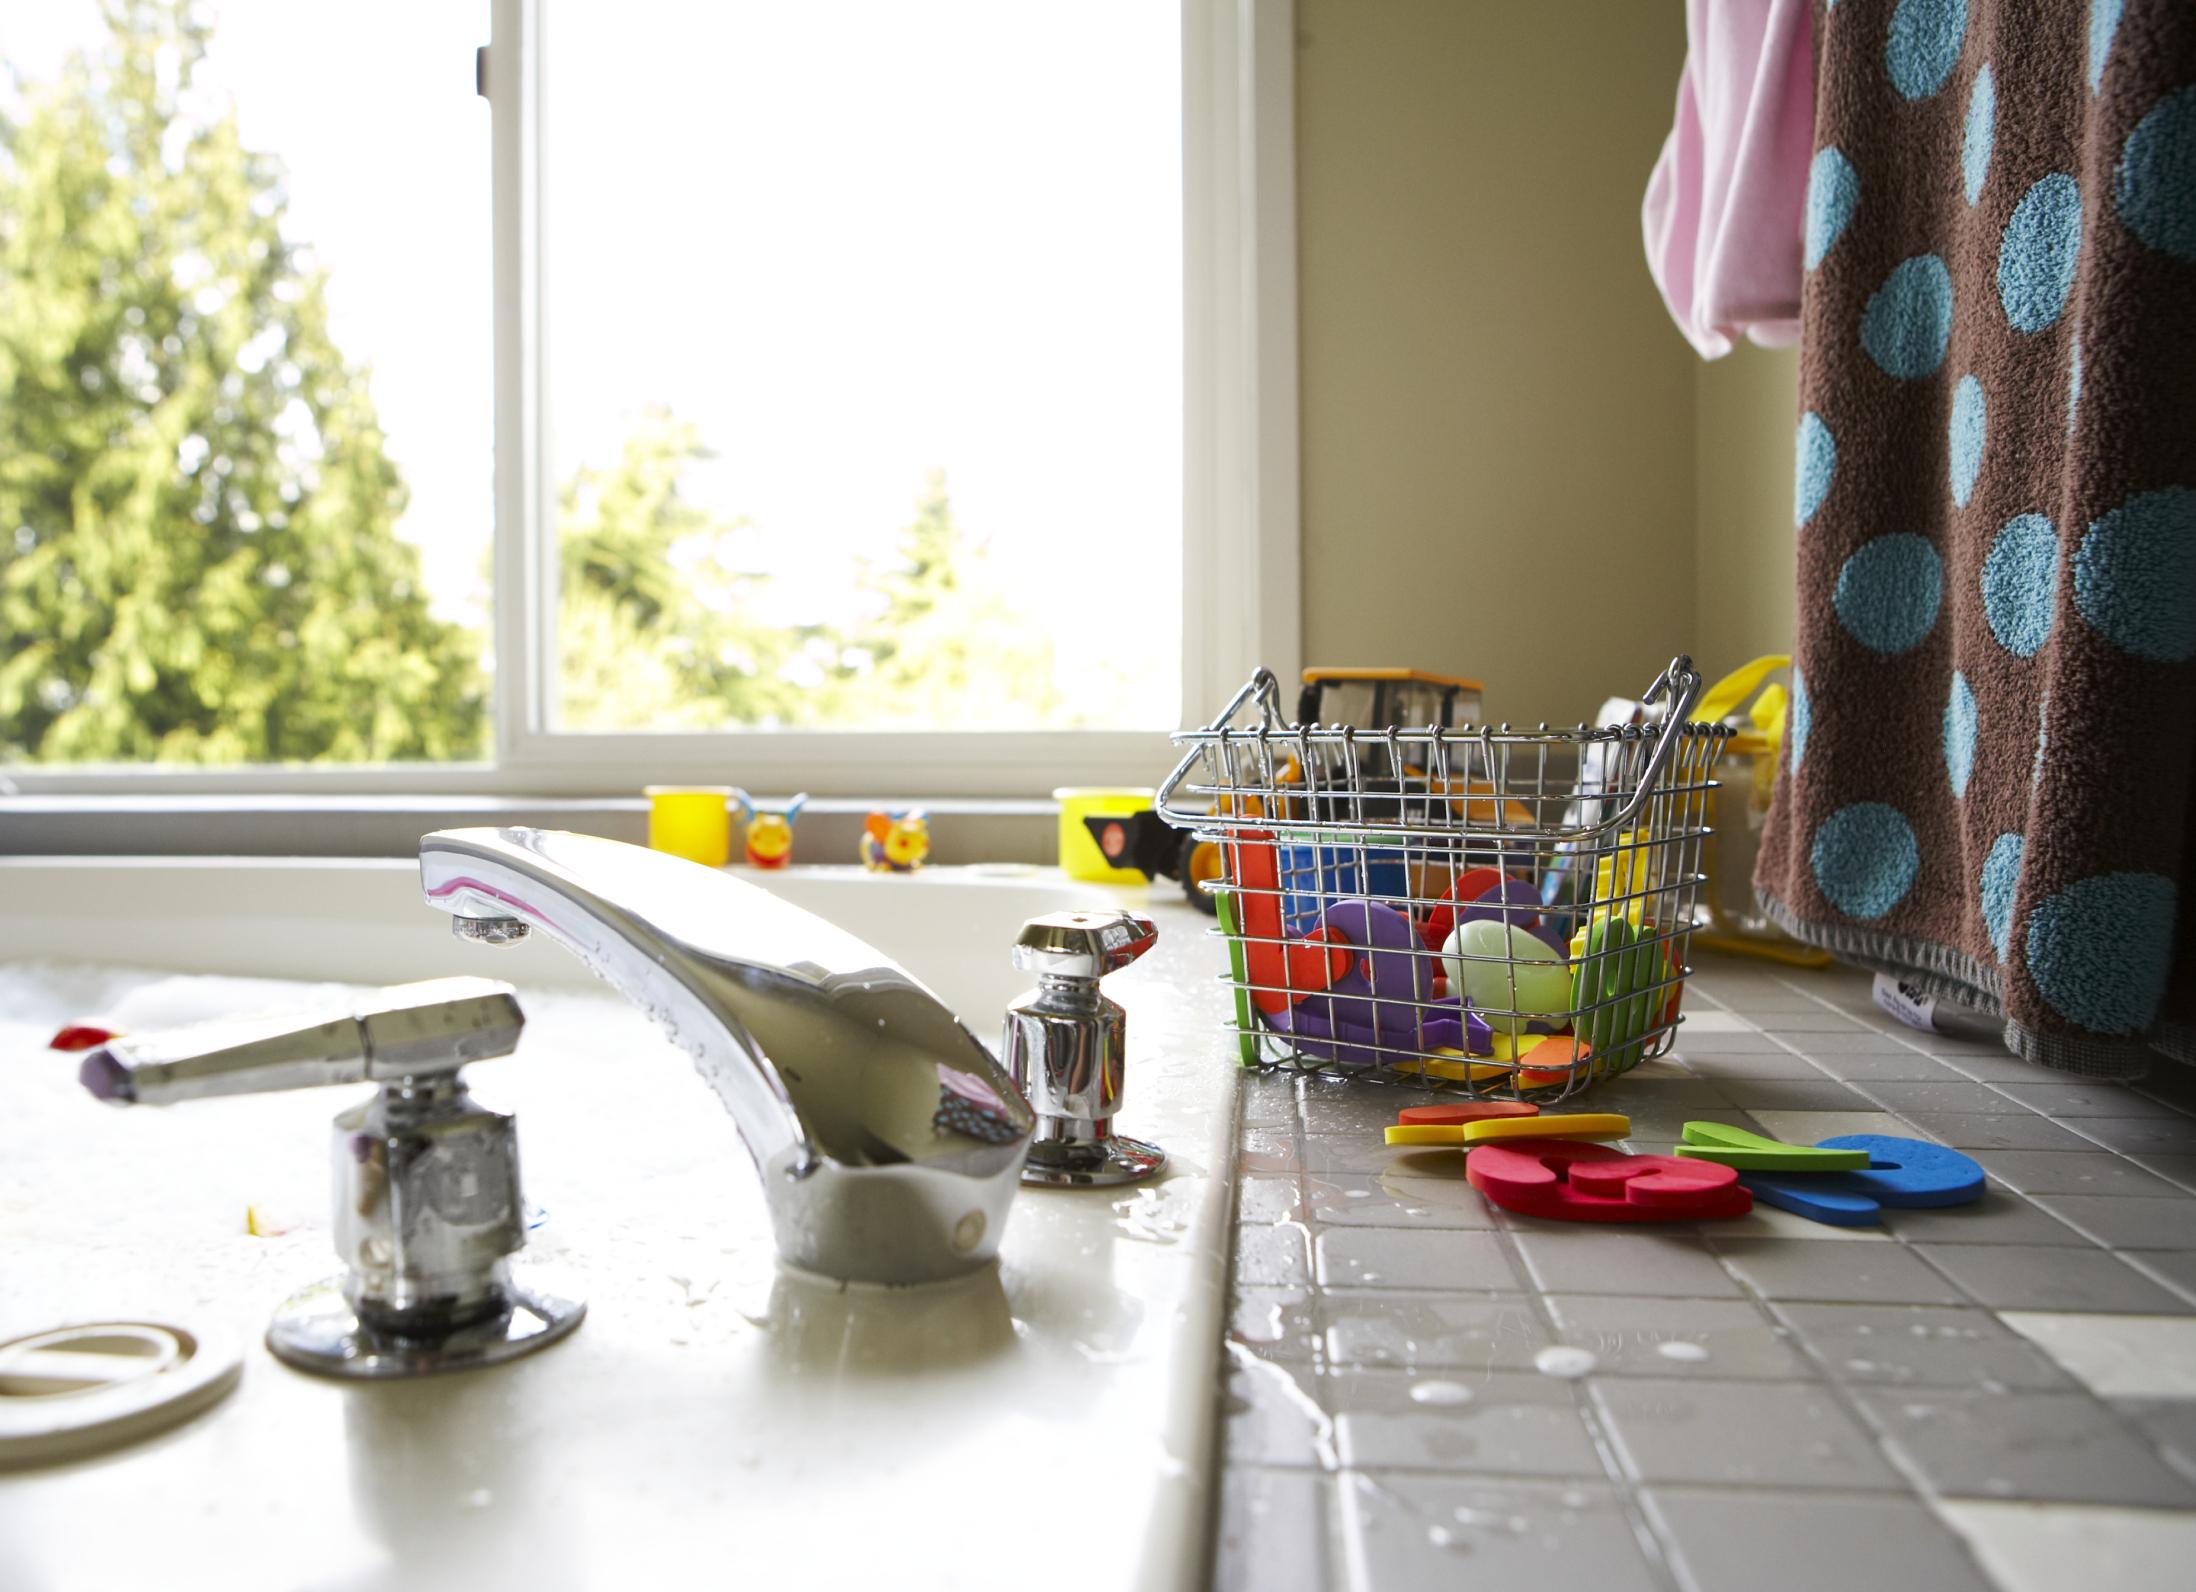 Qué tipo de azulejos puedo usar para la encimera de la cocina? |